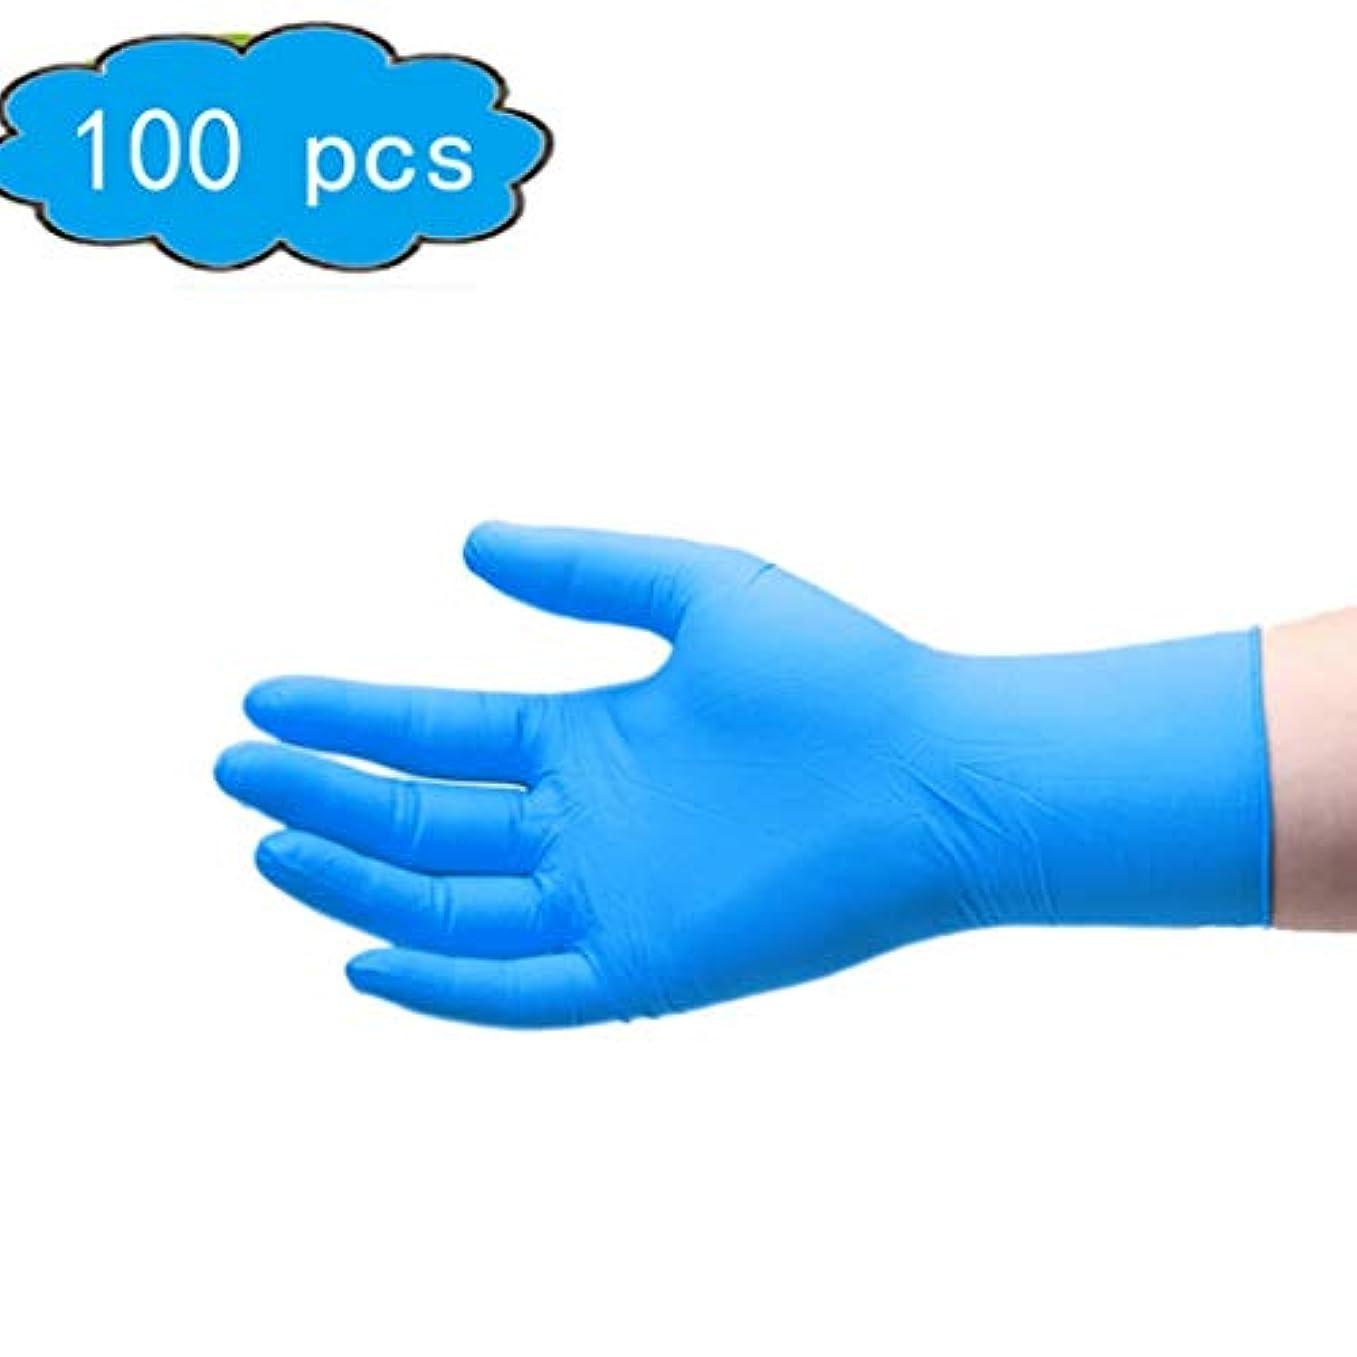 必要としているスクリュー方法使い捨てニトリル試験手袋、5 Mil、医療グレード、ラテックスフリー、パウダーフリー、食品安全(100個入り)、ラボ、安全&作業用手袋、家庭用品 (Color : Blue, Size : XS)